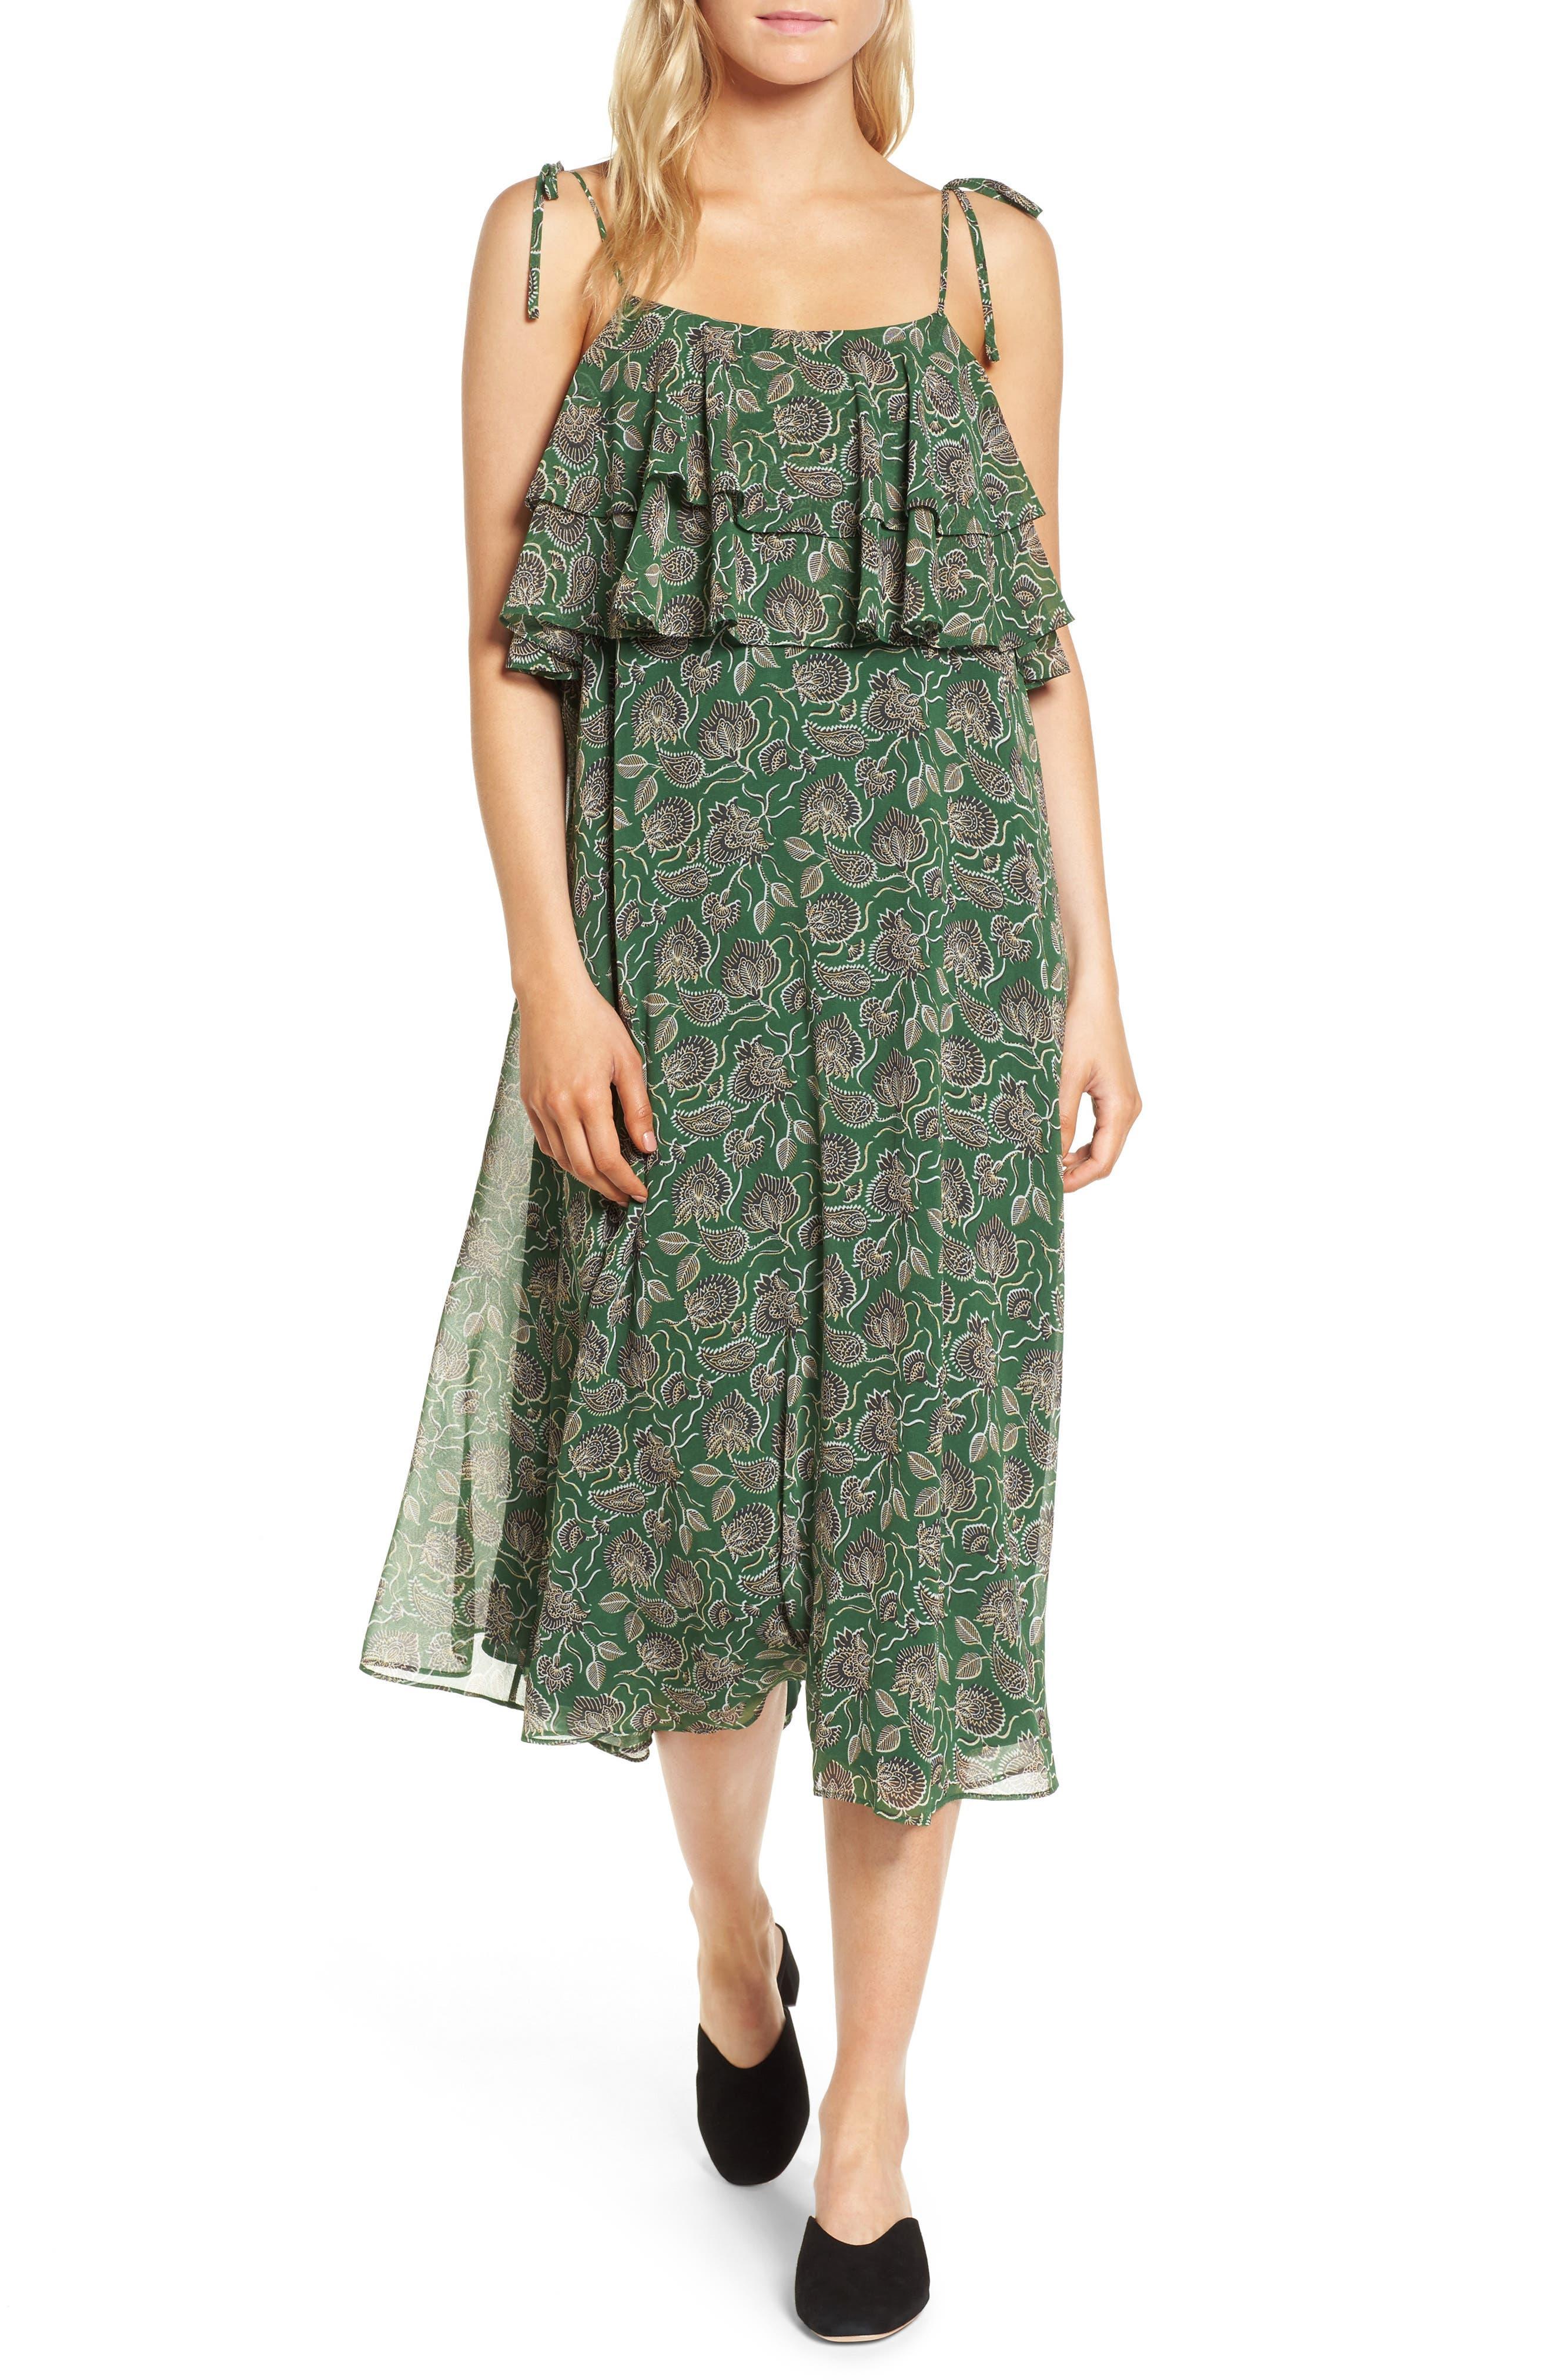 Rebecca Minkoff Argan Dress